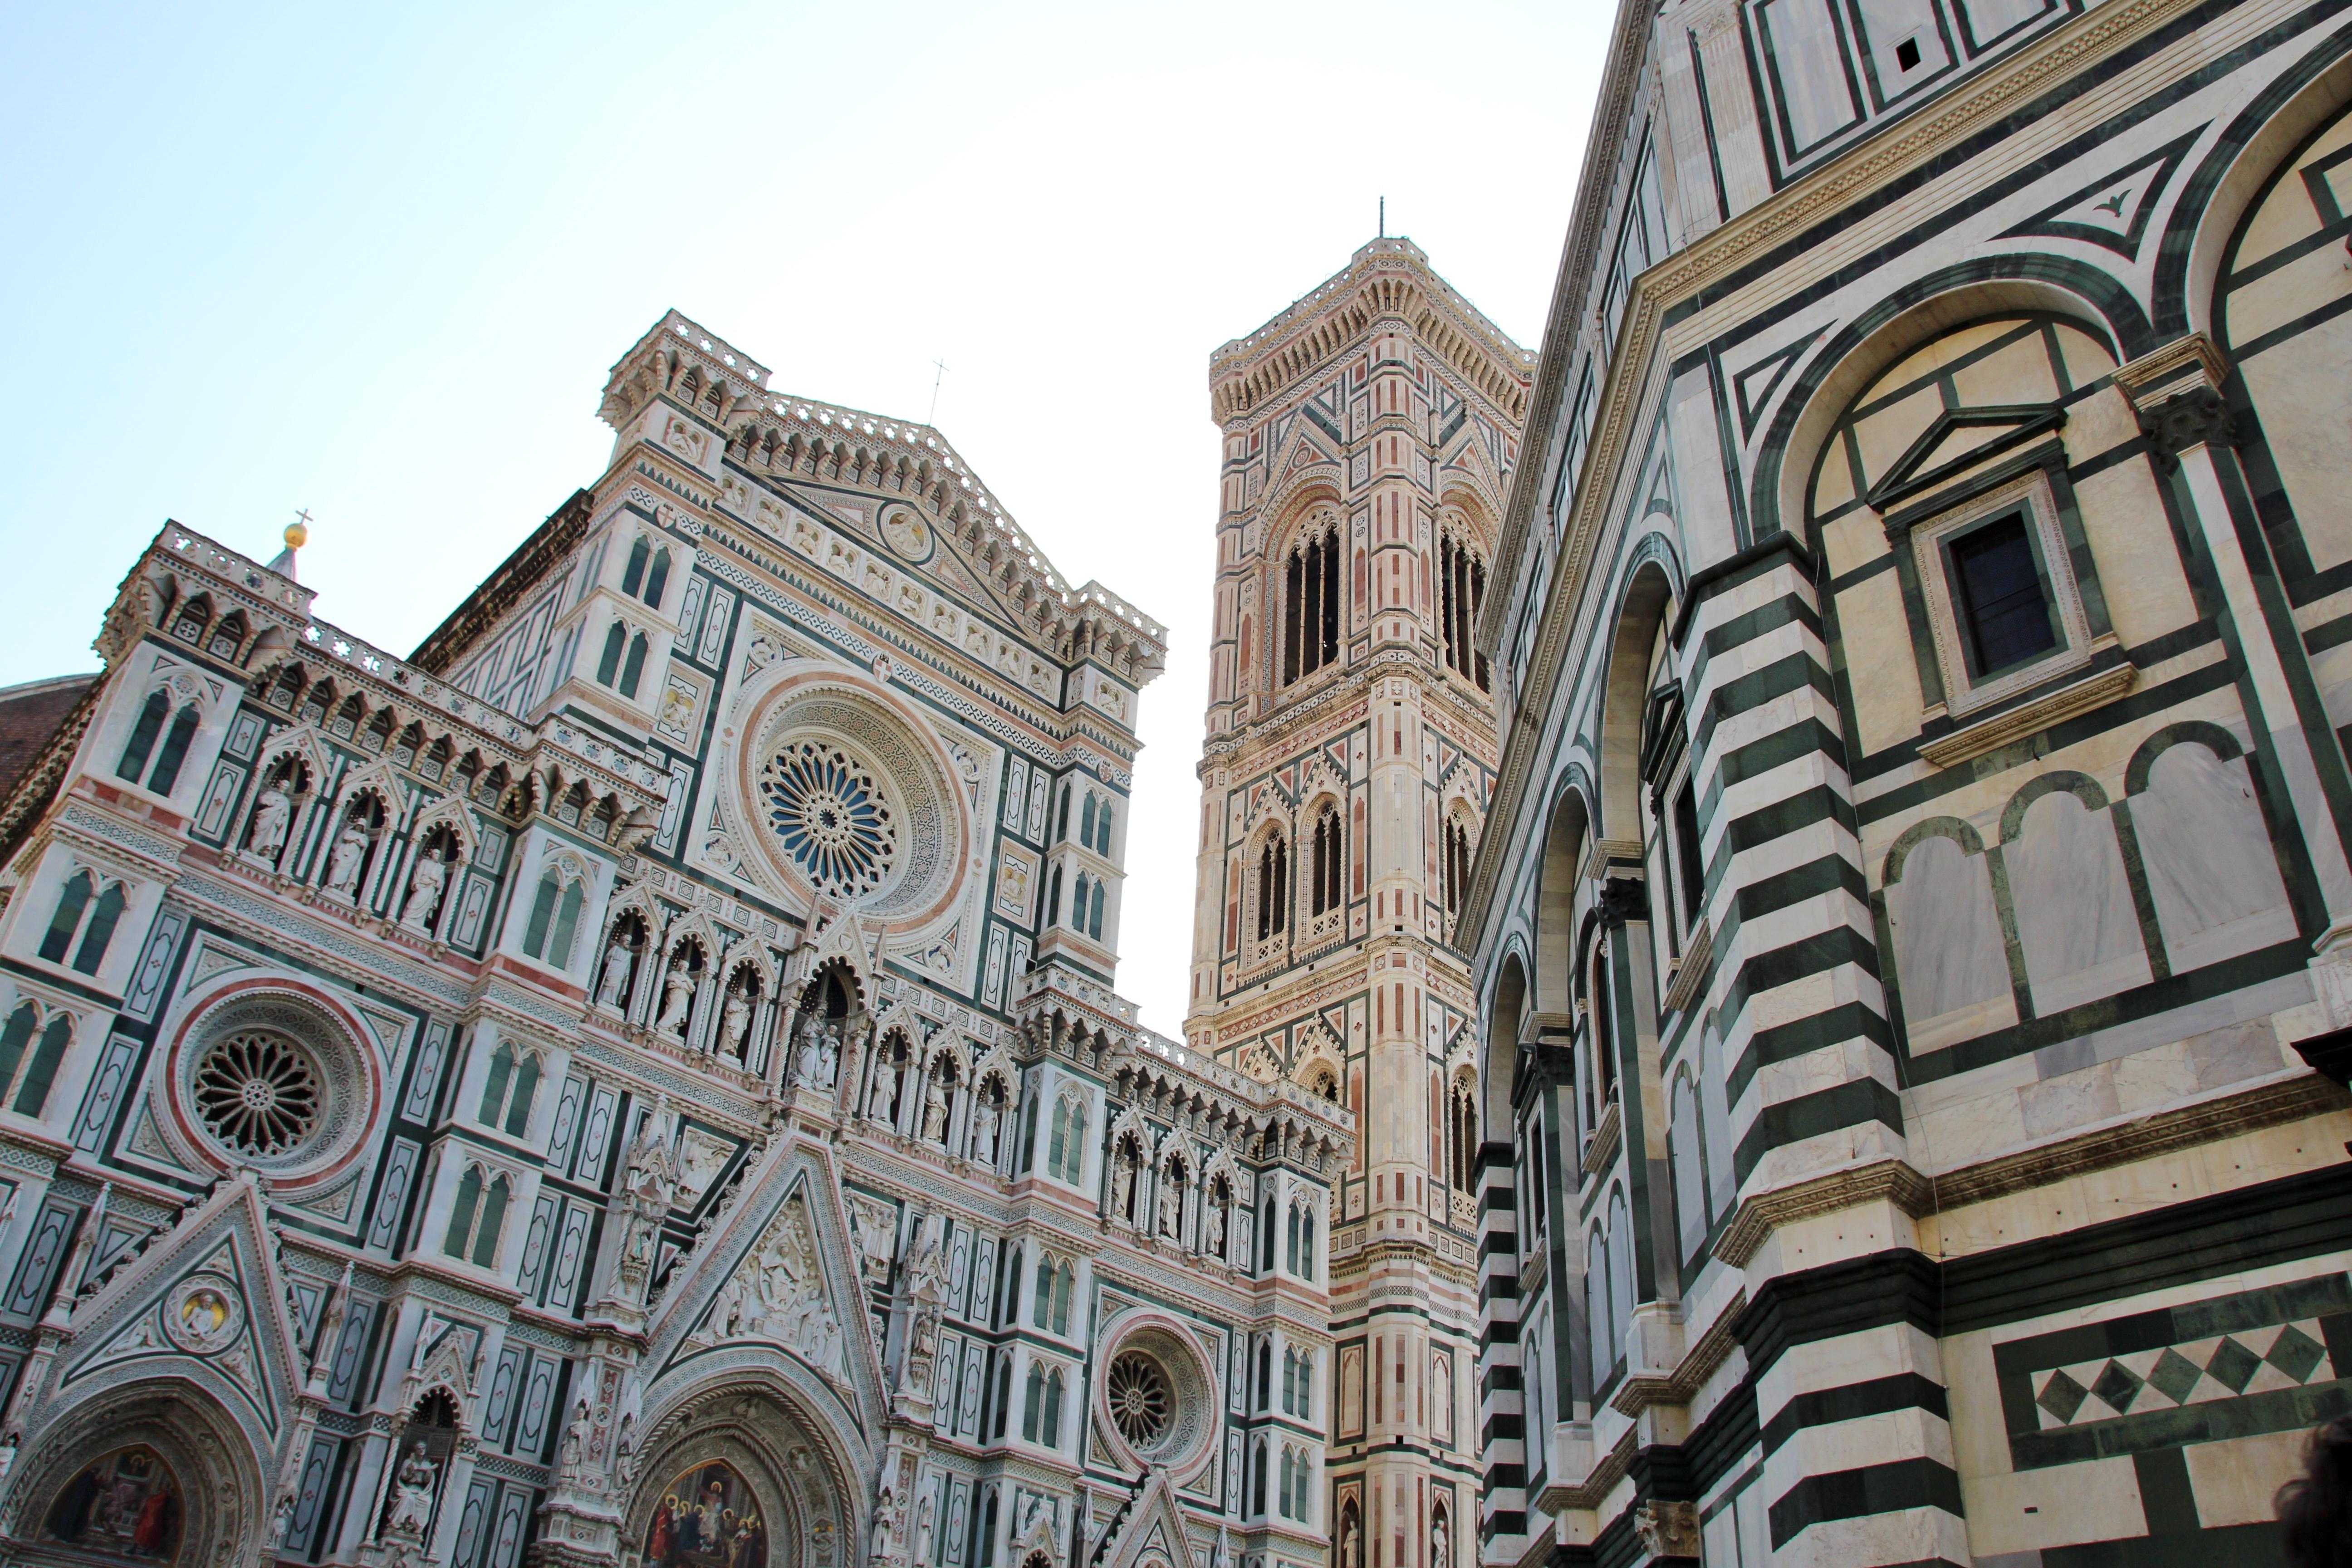 Place du Duomo